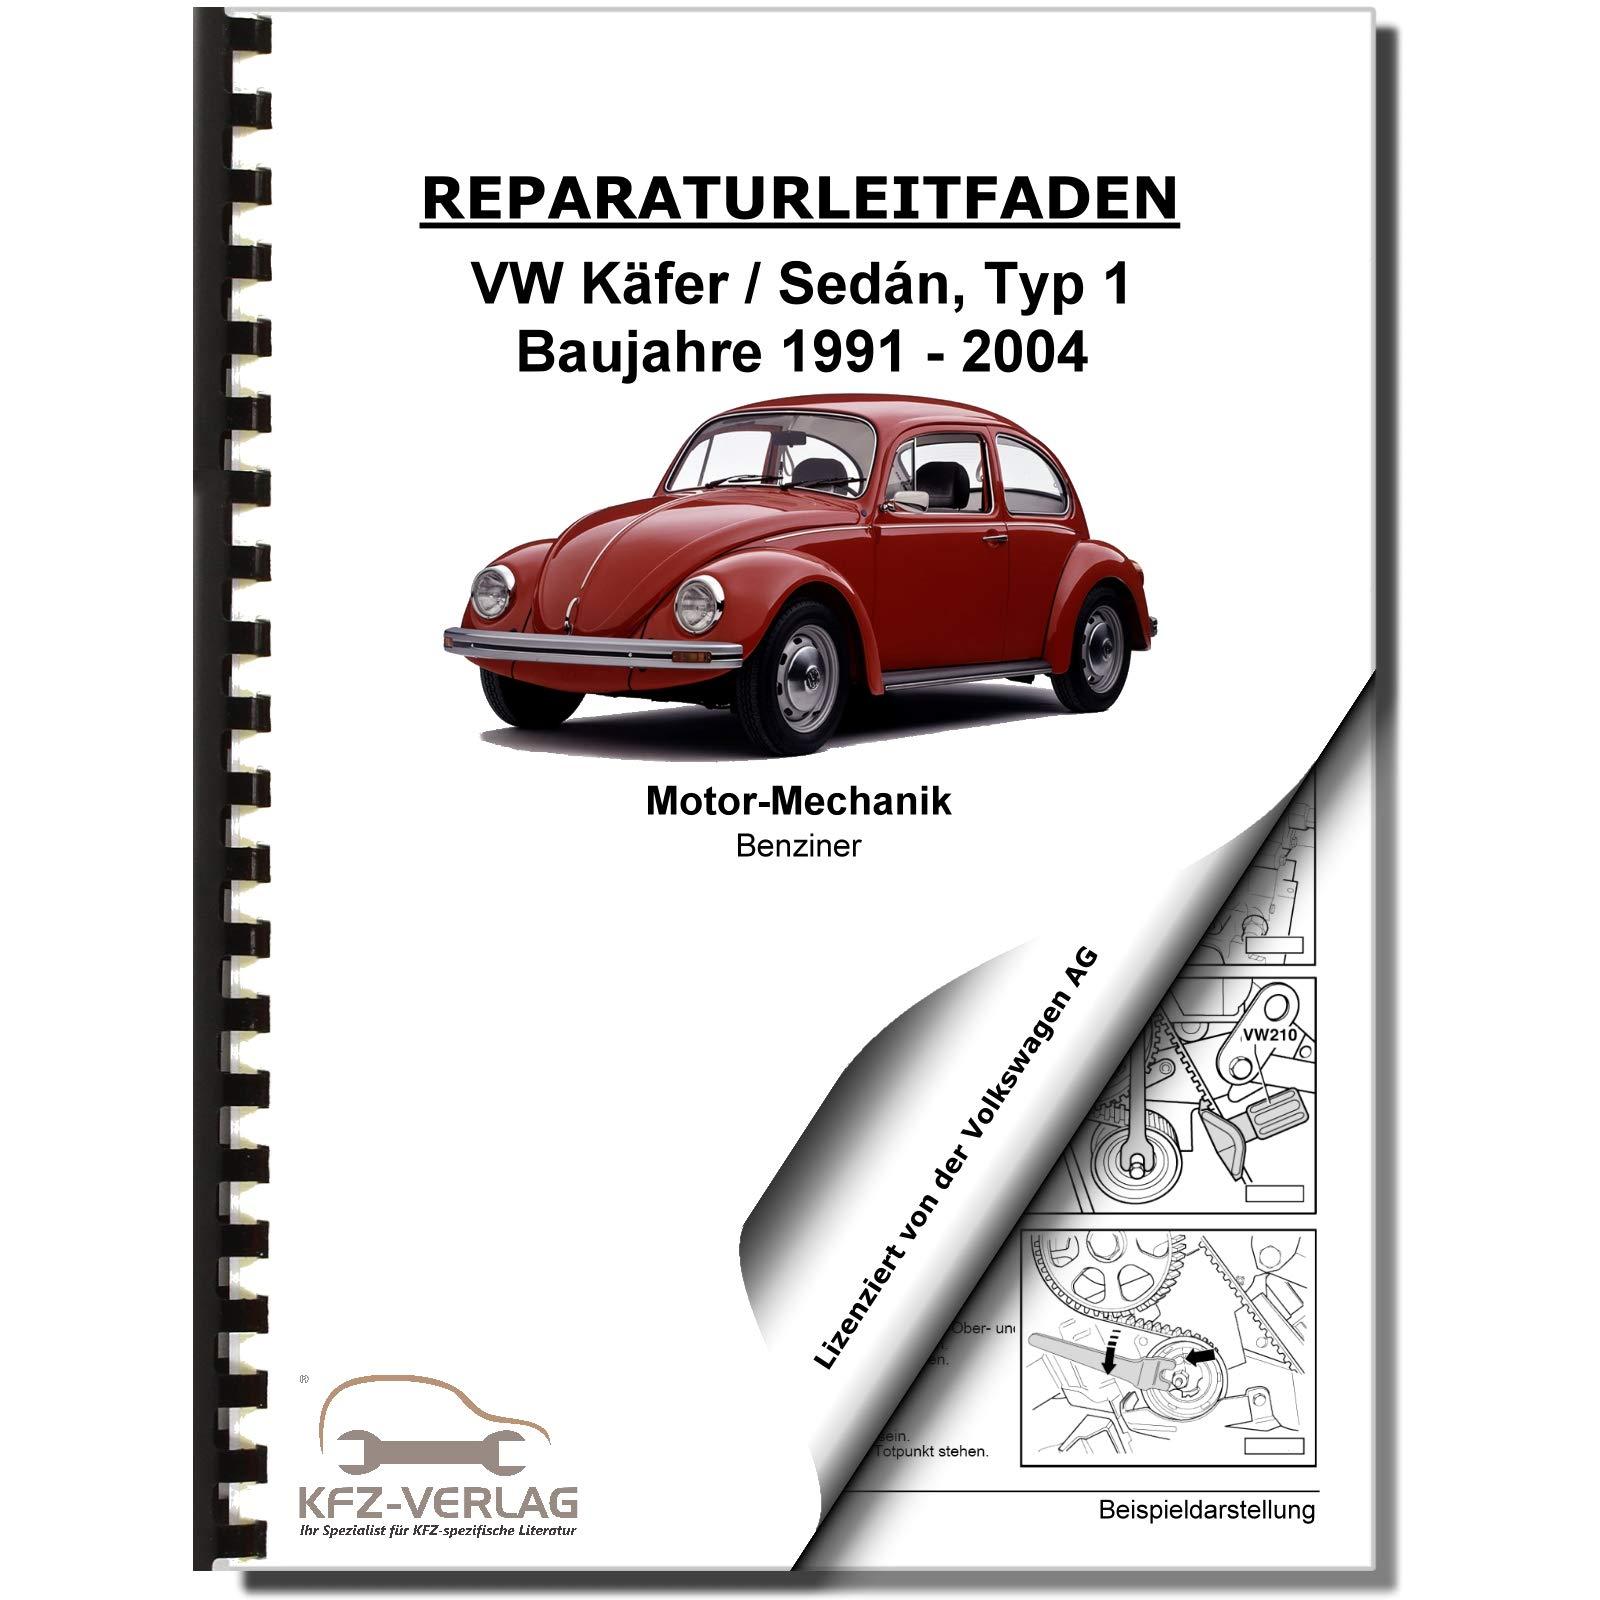 Vw Käfer Sedan 93 03 4 Zyl 1 6l Benzinmotor 46 50 Ps Reparaturanleitung Volkswagen Ag Bücher